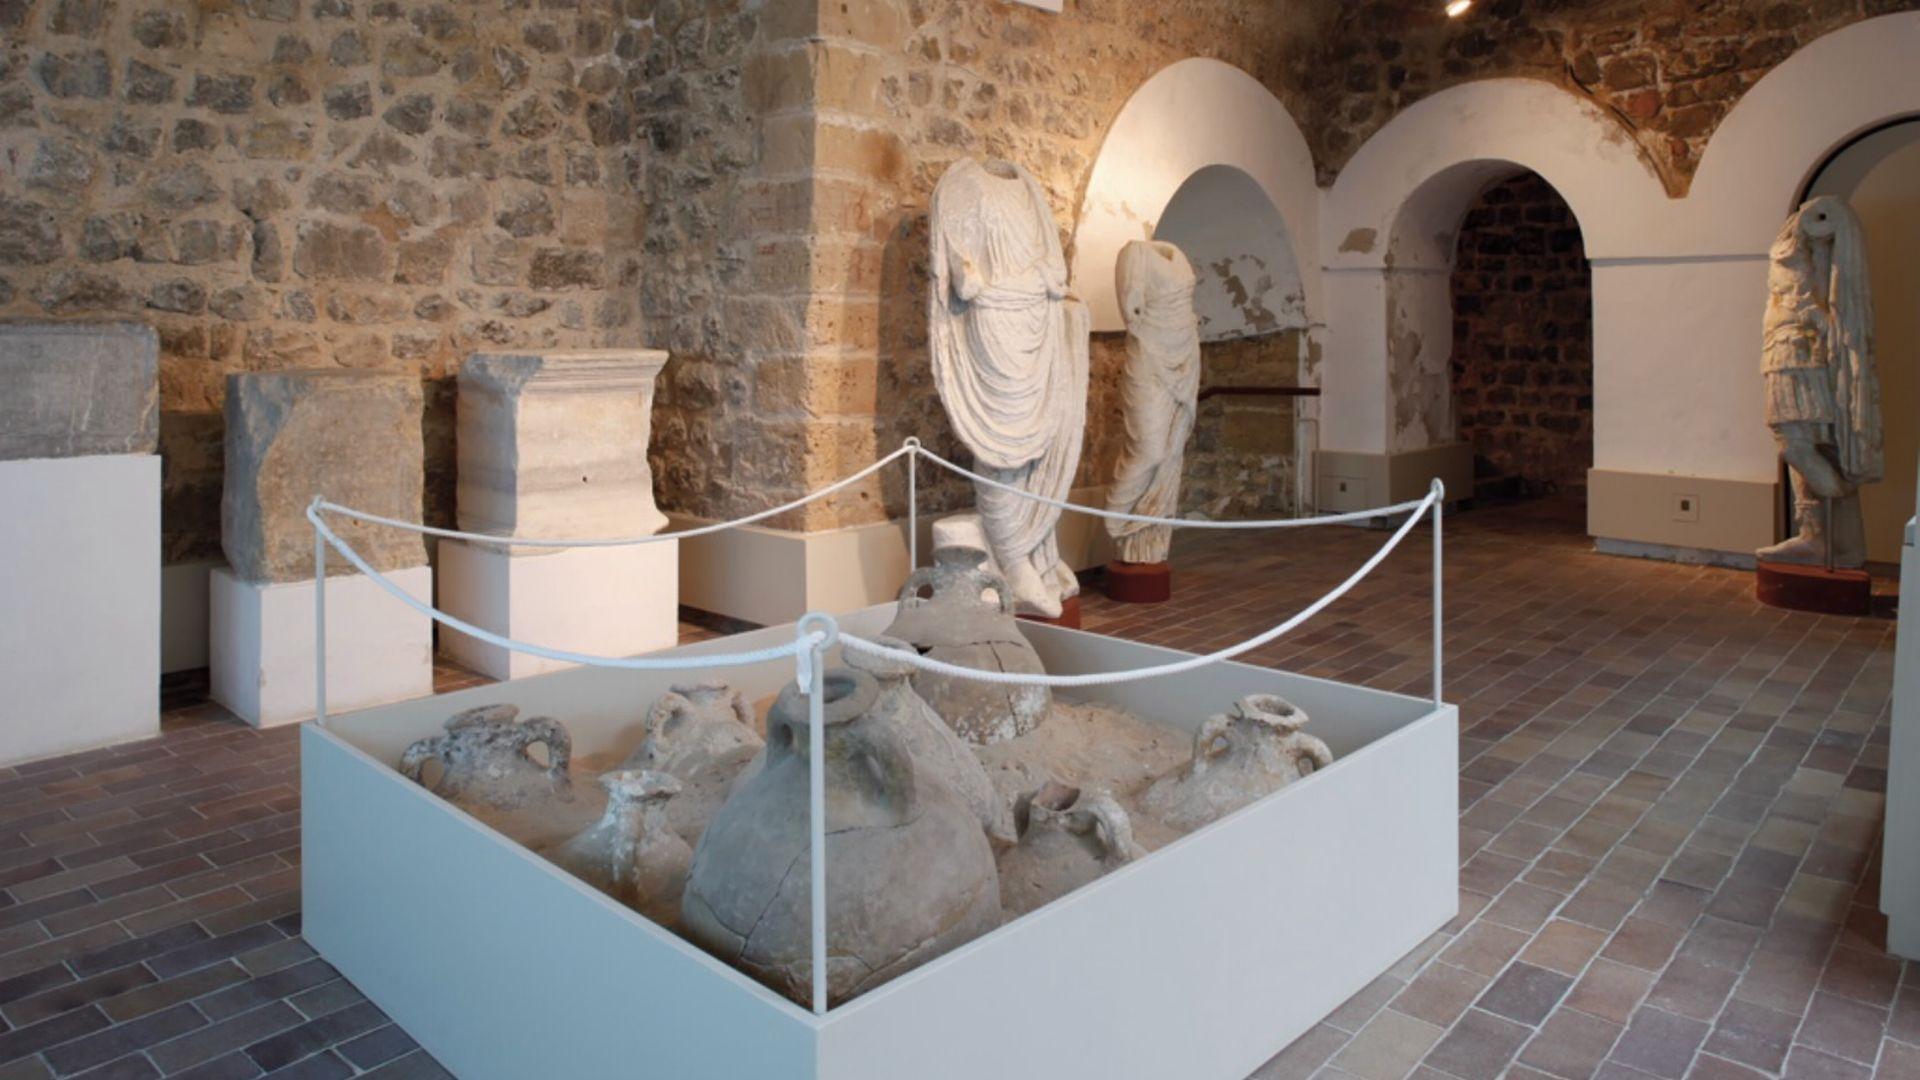 Imagen Museum MAEF. Museu Arqueològic d'Eivissa i Formentera